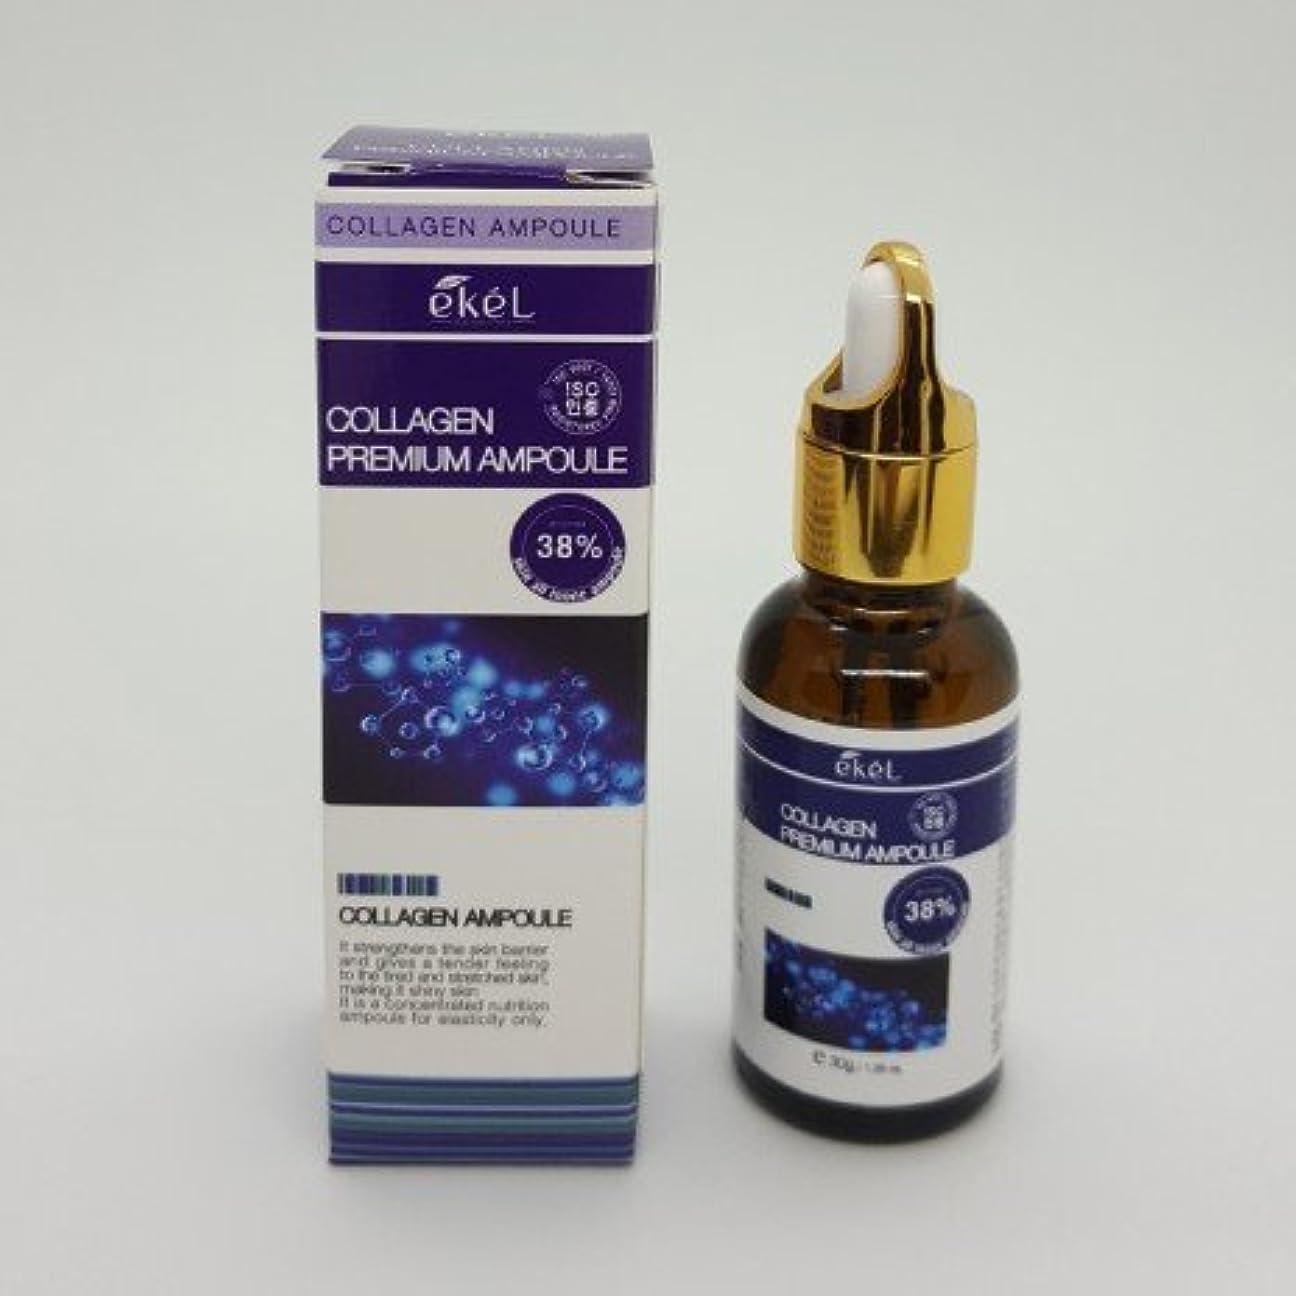 条約はず魔術[EKEL] Collagen Premium Ampoule 38% - 30g